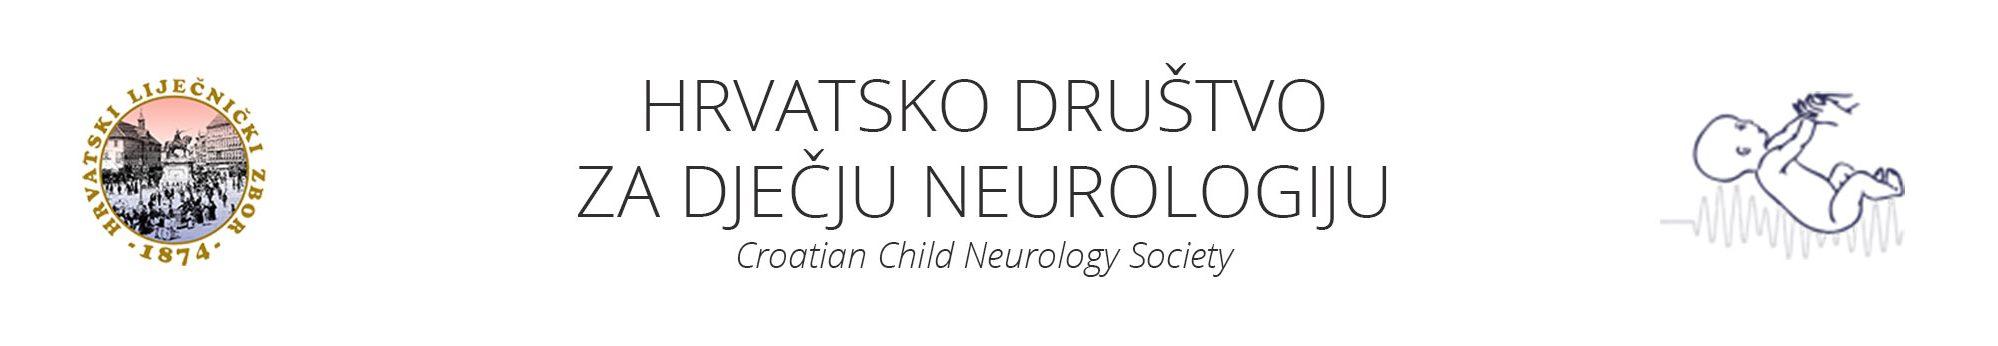 Stranica hrvatskog društva za dječju neurologiju